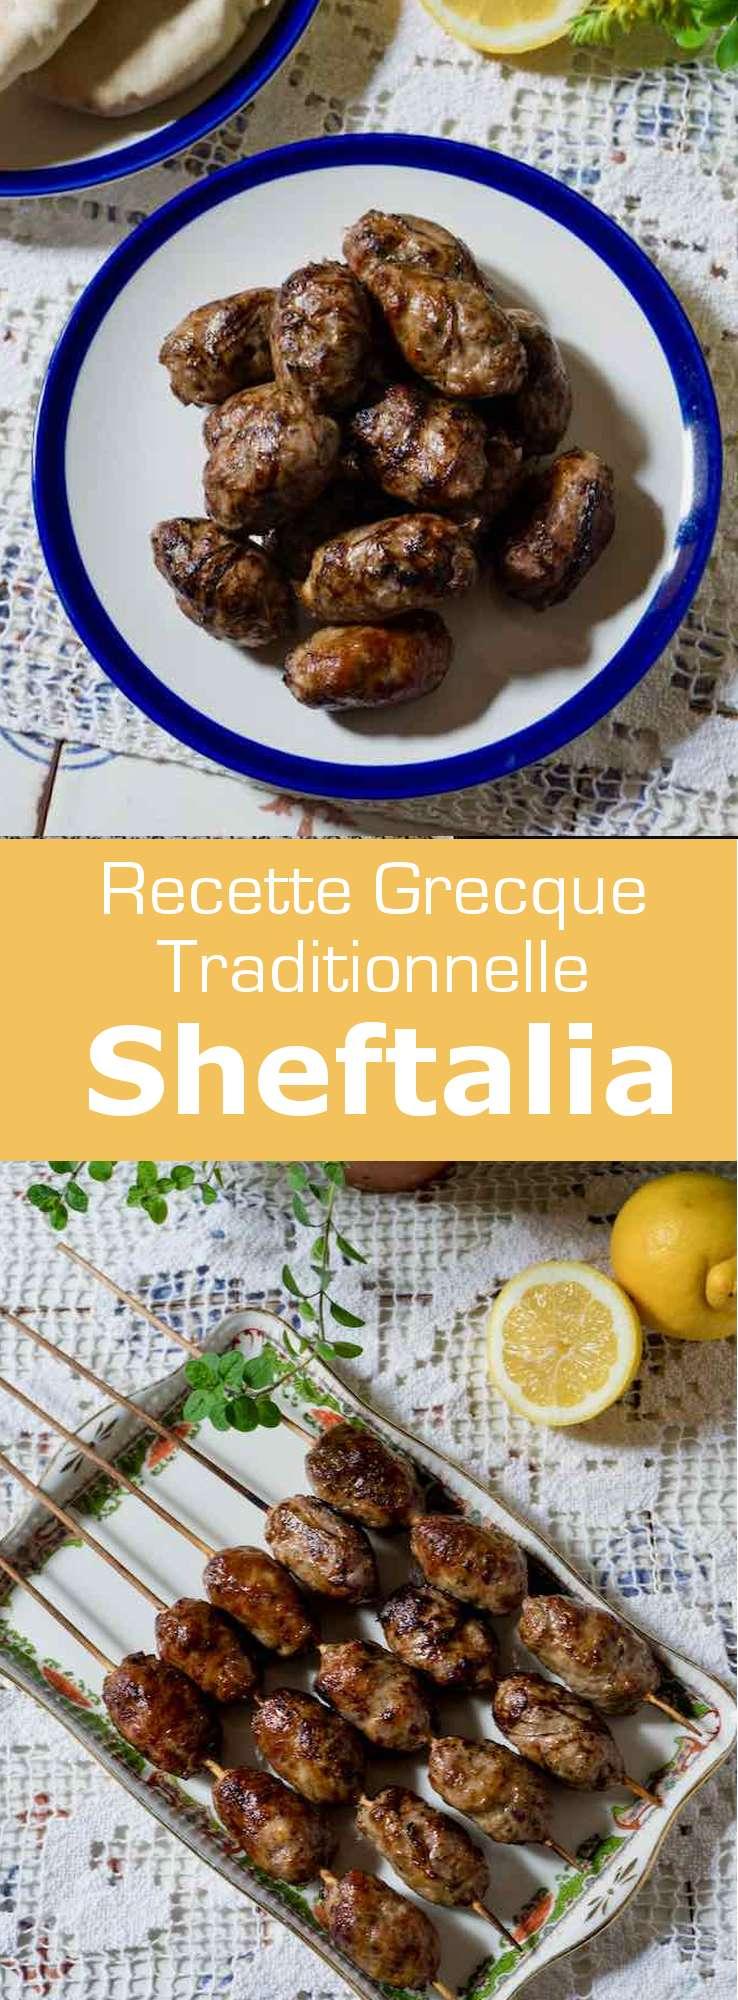 La sheftalia (ʃeftaˈʎa) est une saucisse traditionnelle chypriote à base d'agneau et de porc, enveloppée dans de la crépine et cuite au barbecue. #Chypre #Grece #RecetteChypriote #RecetteGrecque #CuisineGrecque #CuisineChypriote #CuisineMediterraneenne #CuisineDuMonde #196flavors